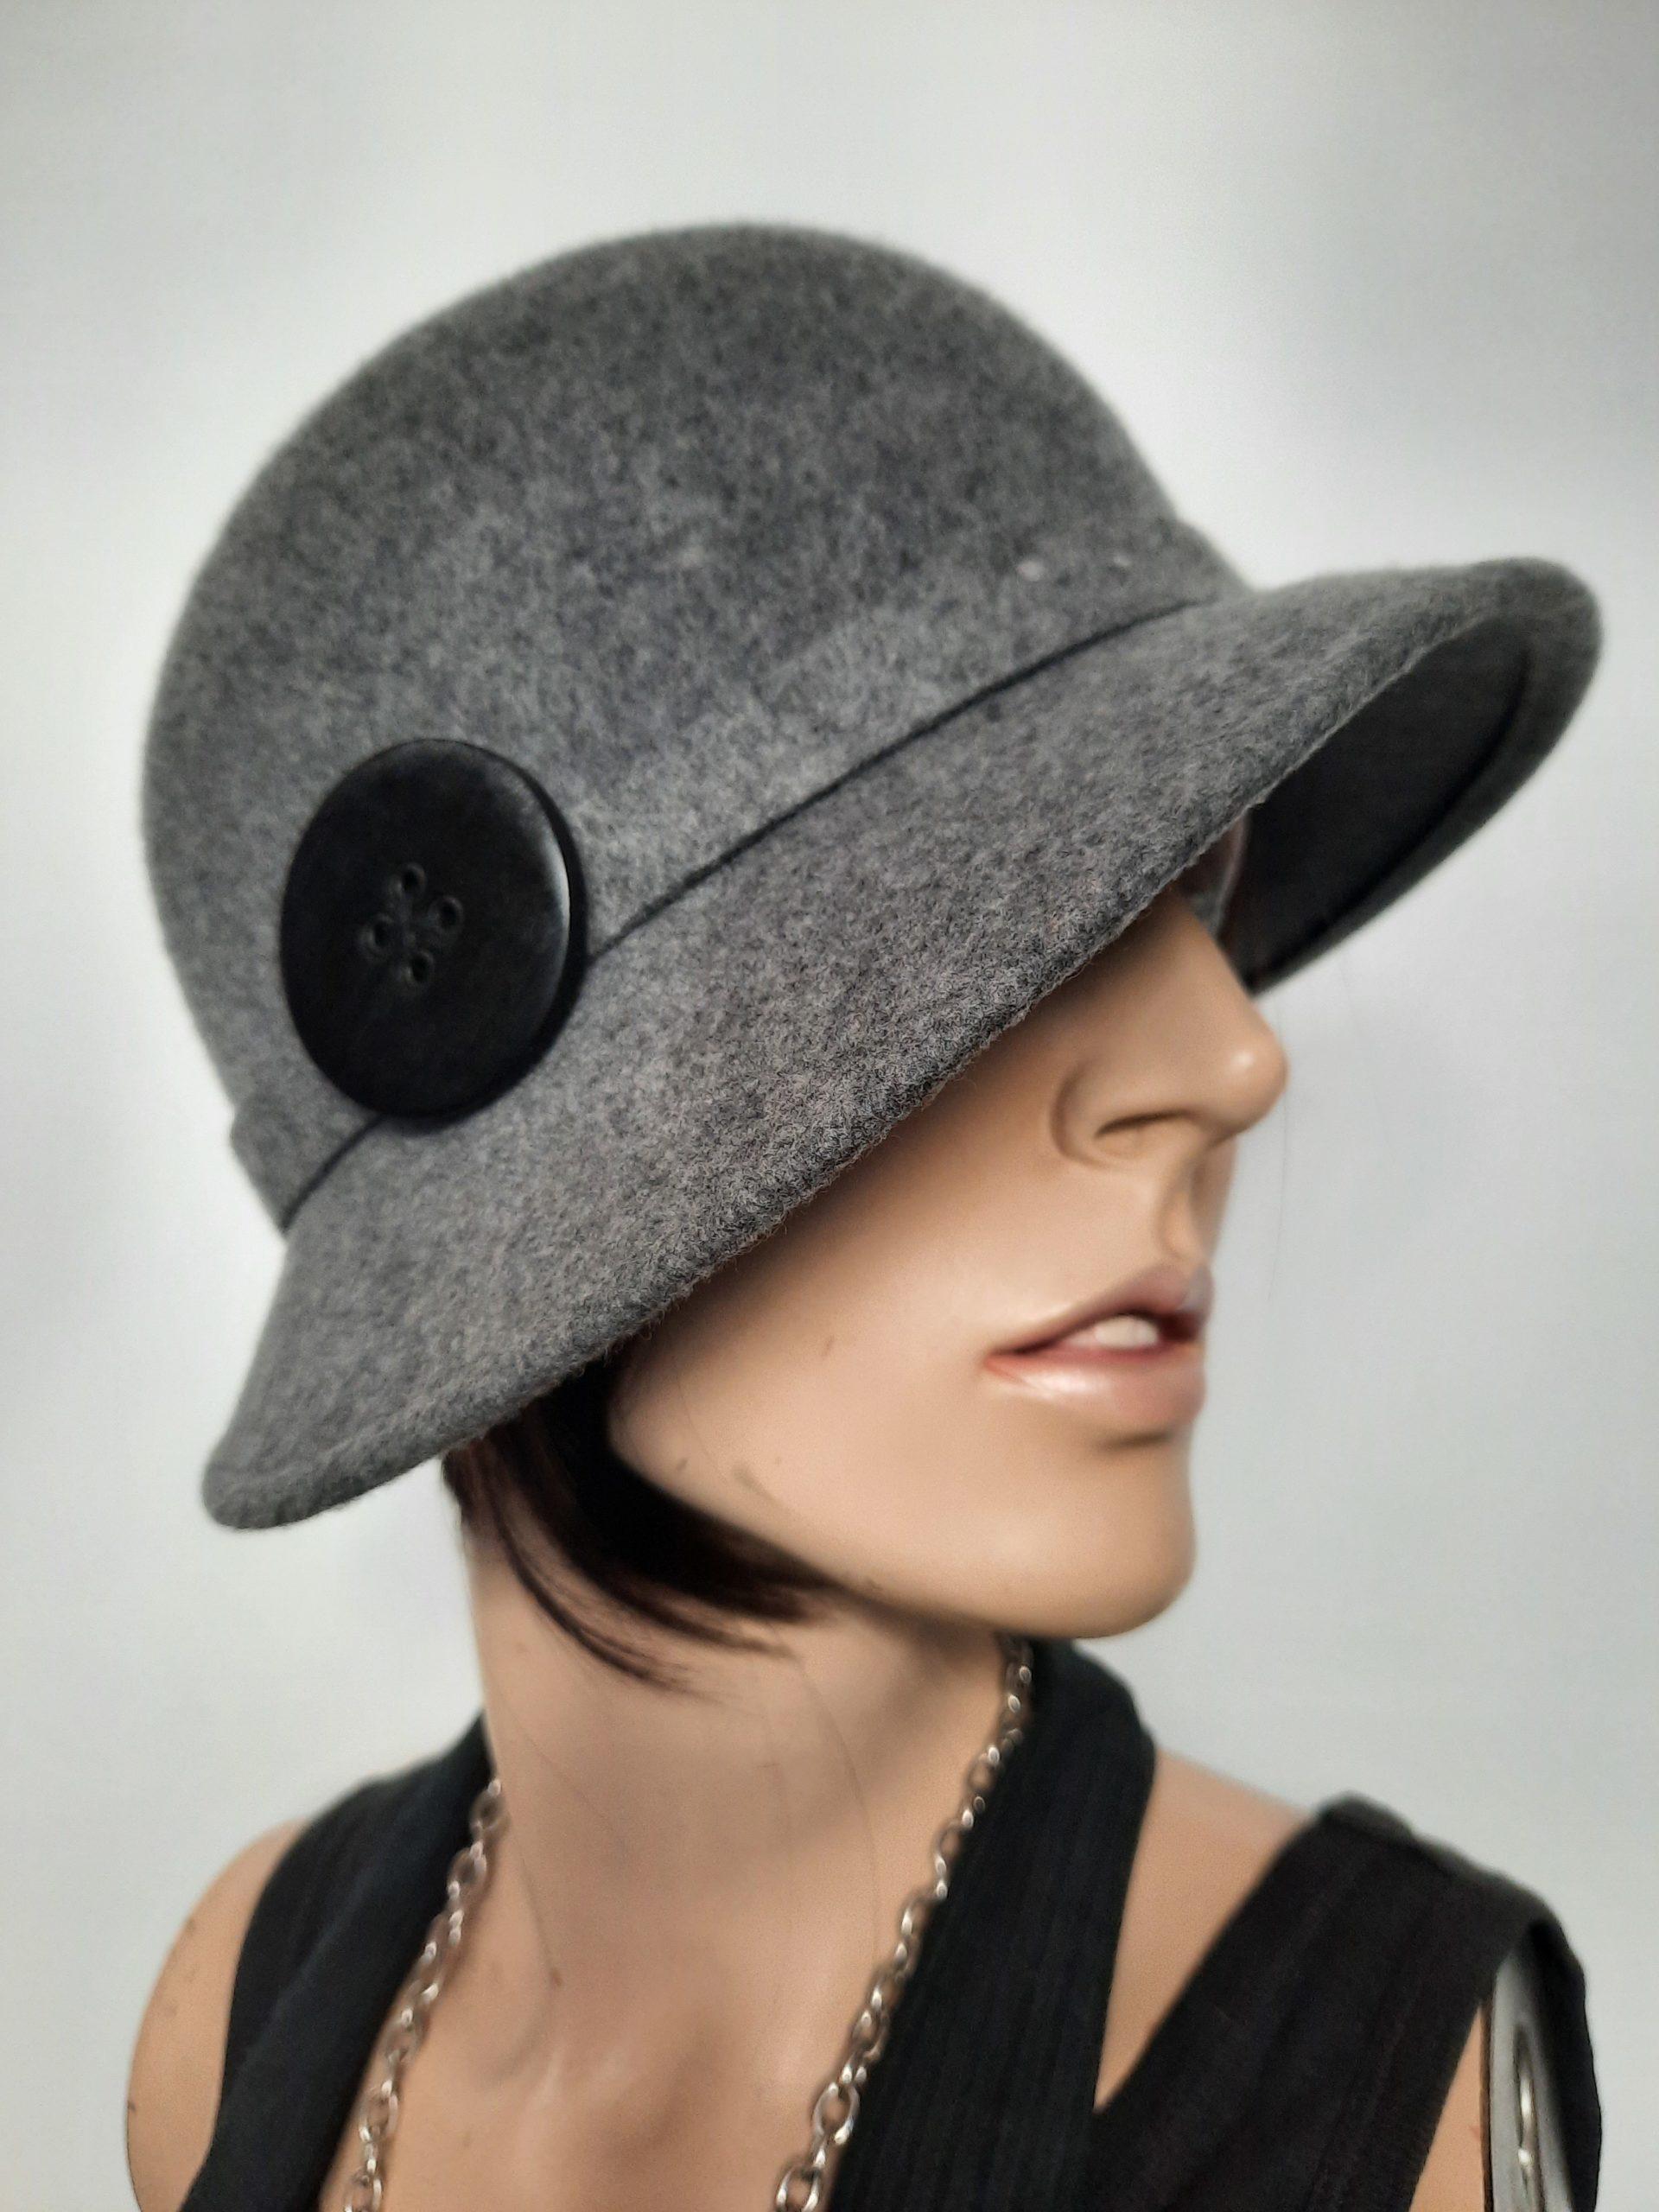 Frauenhut aus dem 20er-Stil mit Knopf in grau